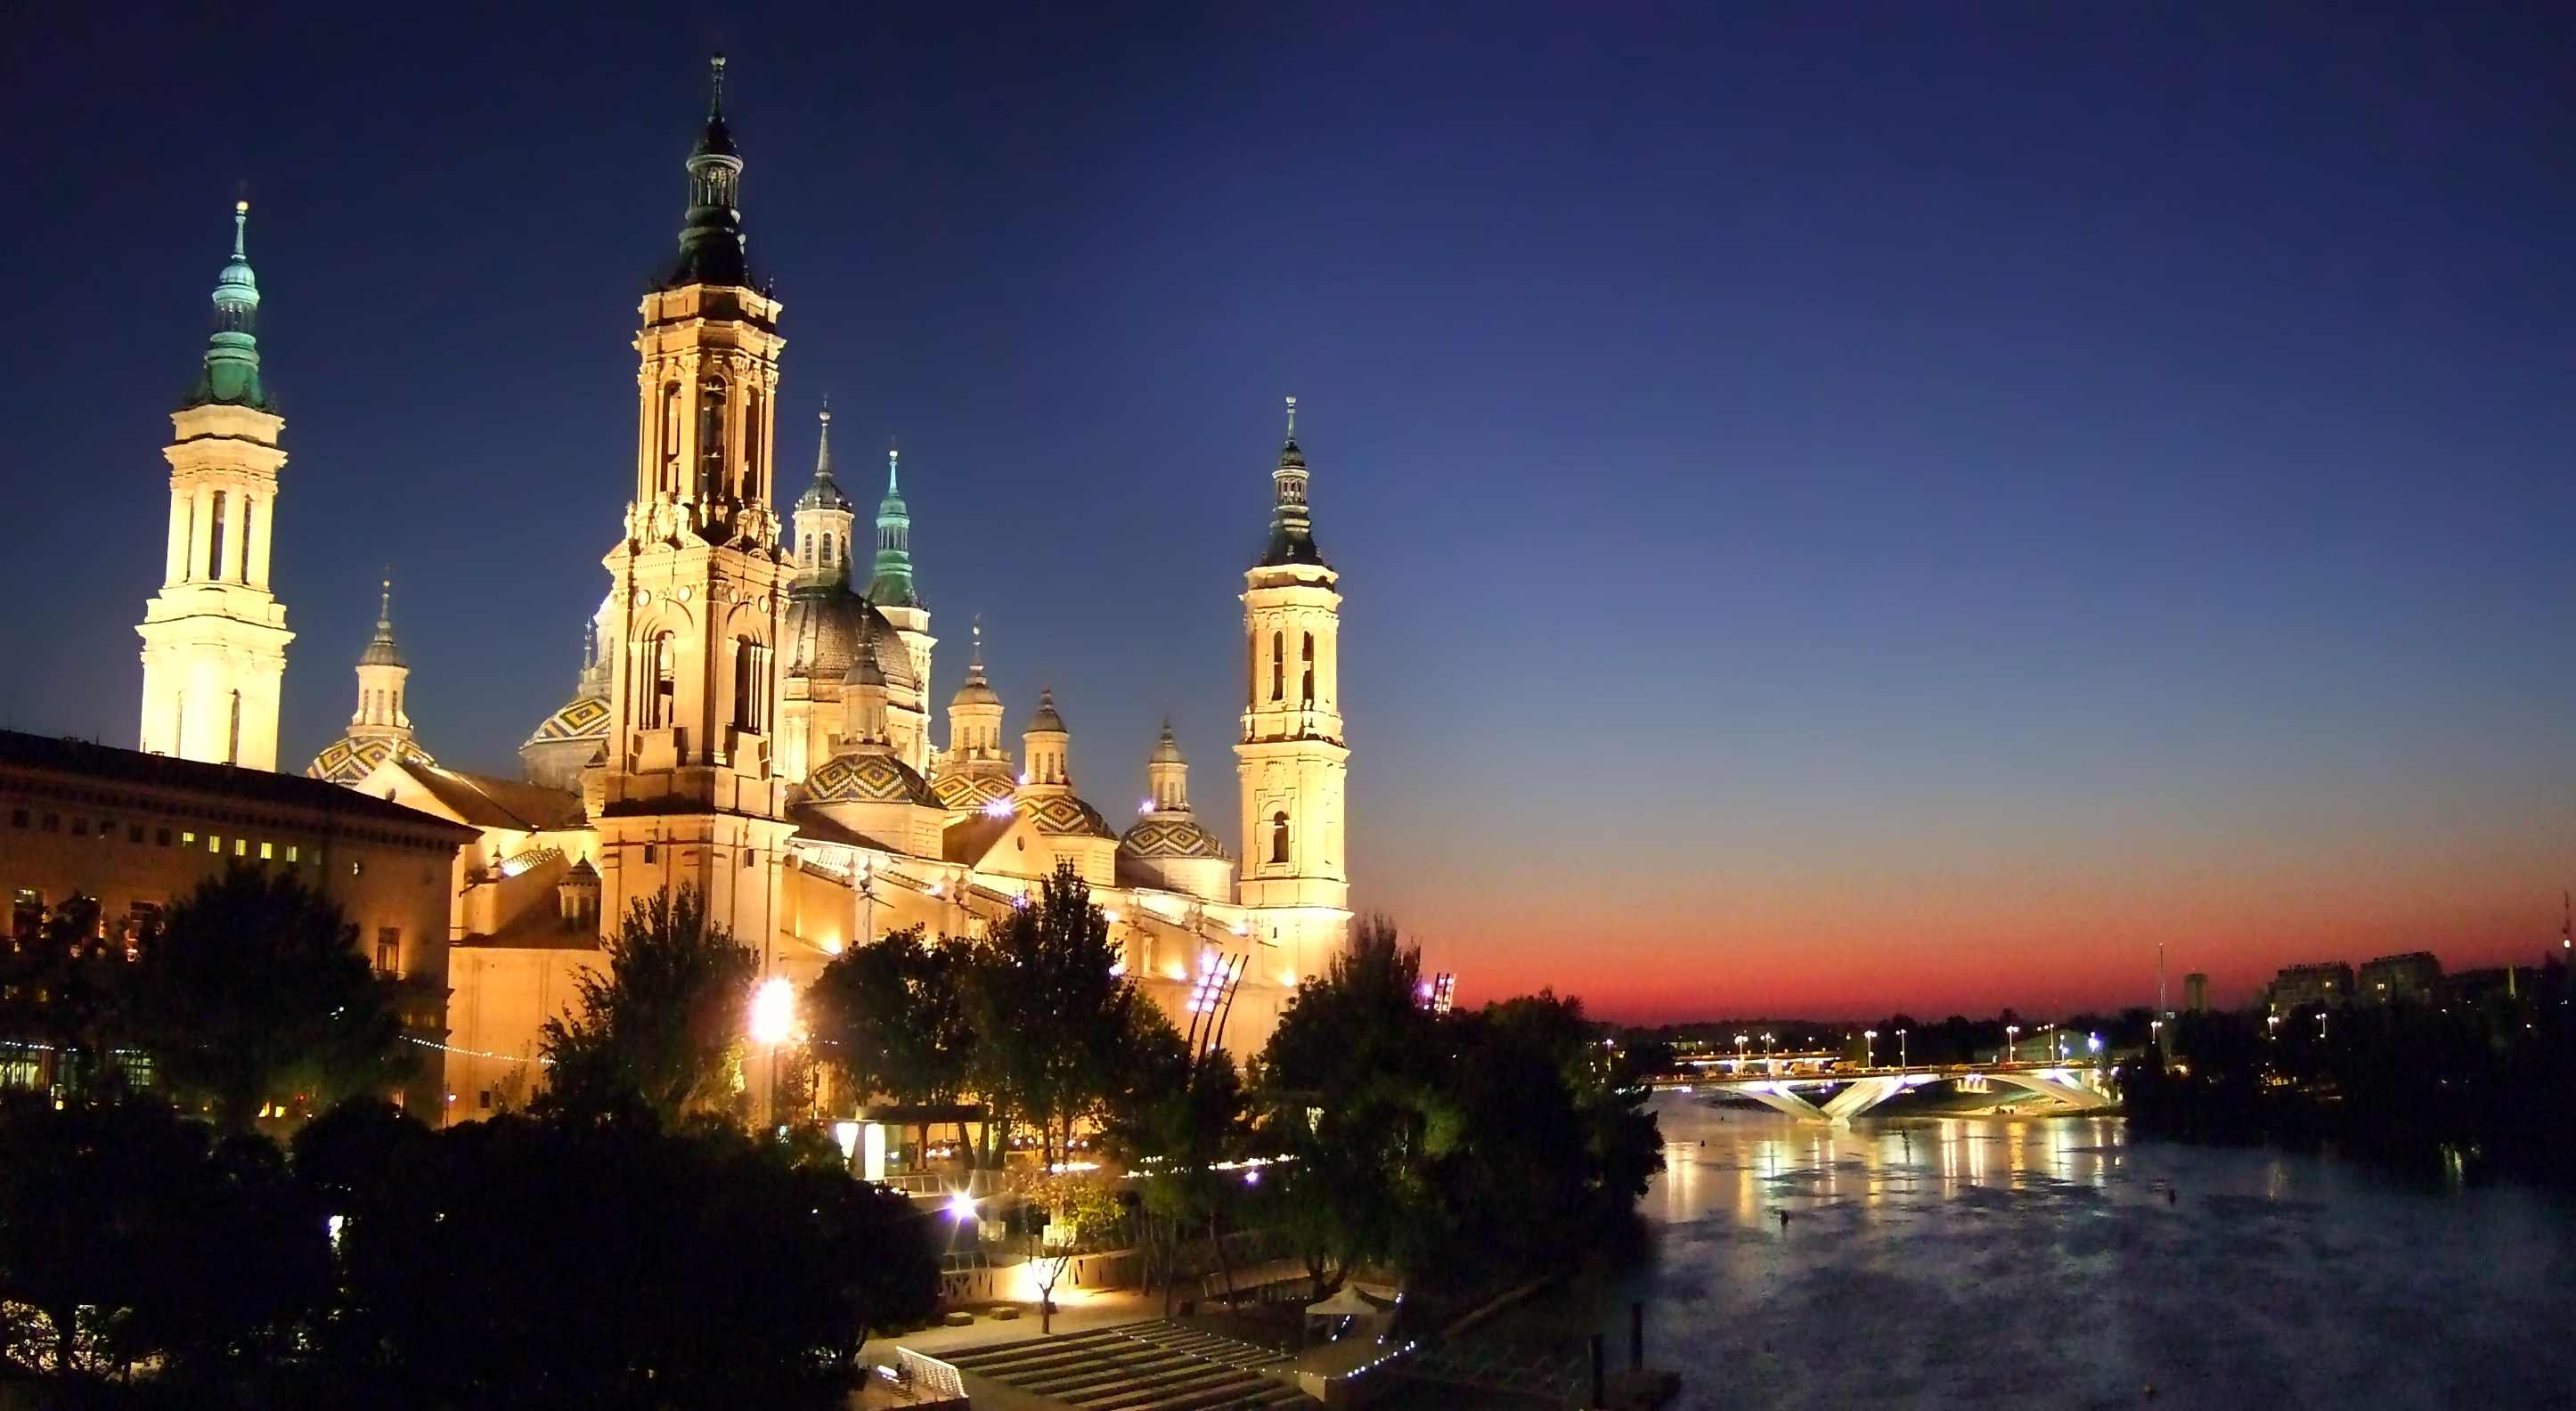 El Pilar desde el río Ebro del 10 al 18 de octubre las fiestas del pilar en zaragoza - 21791082775 399ded1619 o - Del 10 al 18 de octubre las Fiestas del Pilar en Zaragoza